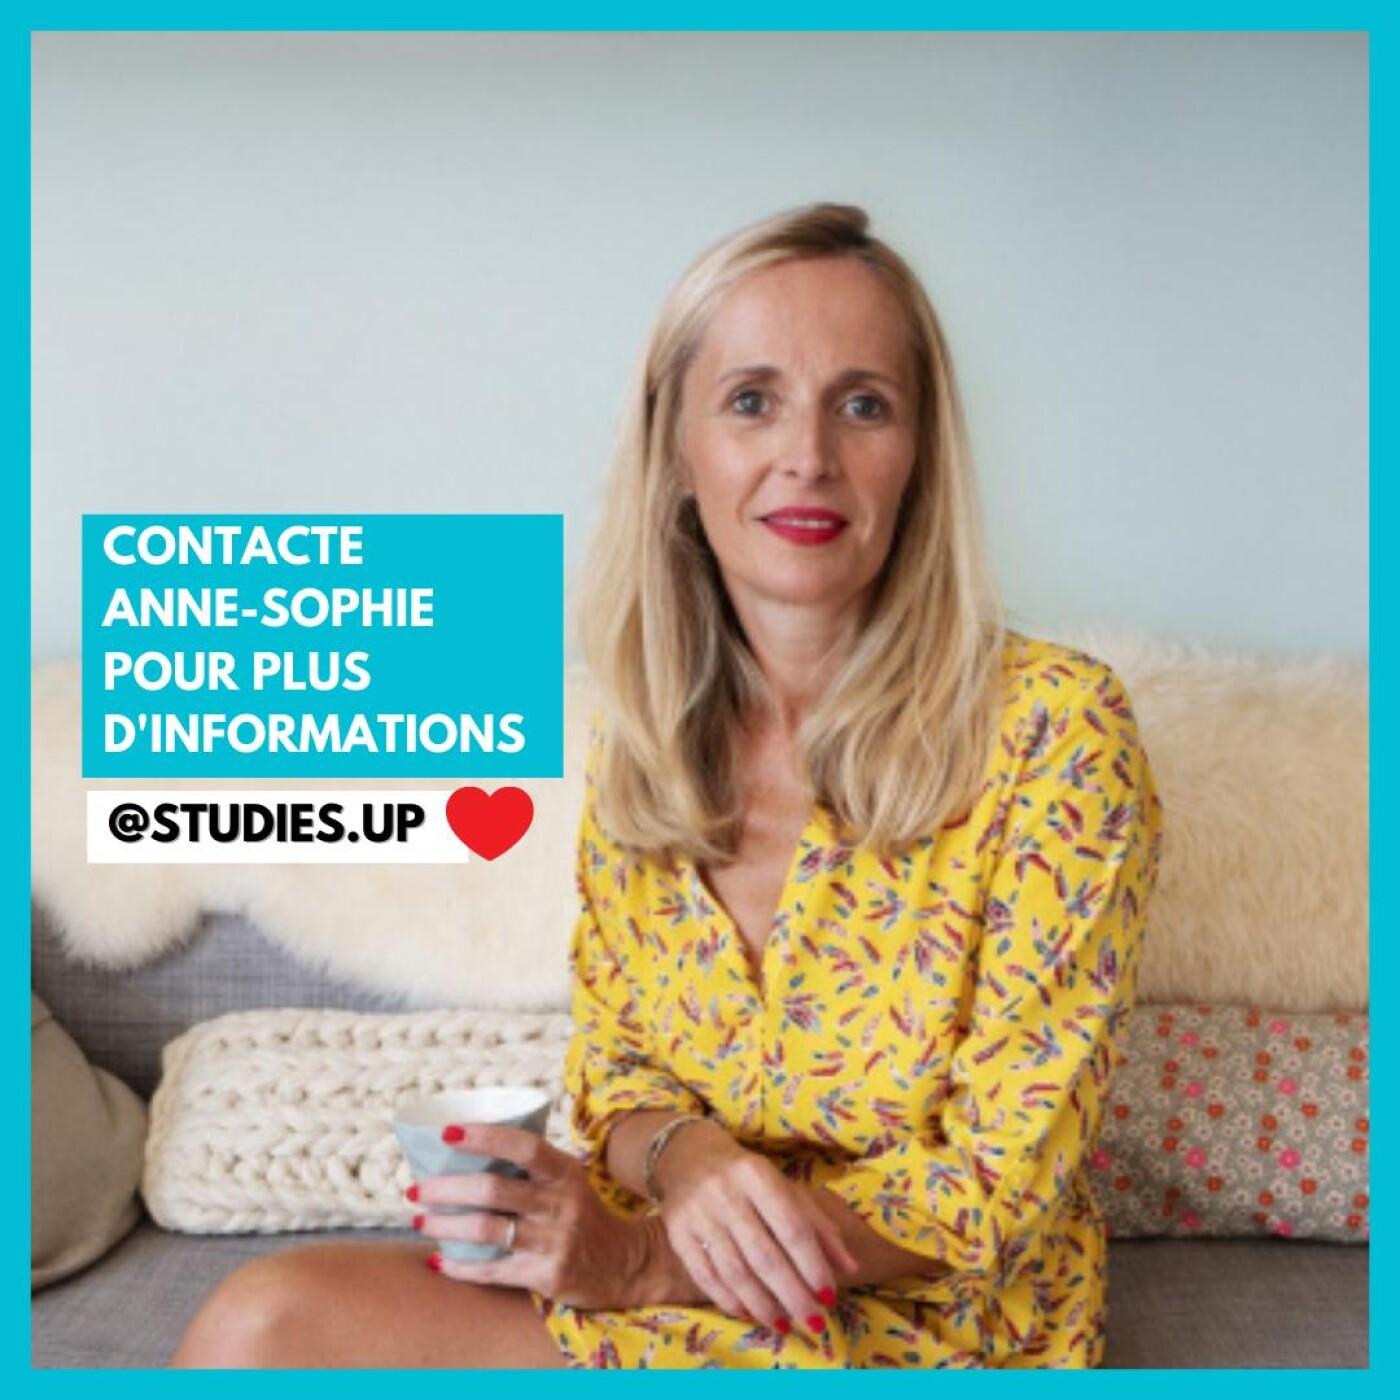 Anne-Sophie, responsable de StudiesUP, aide les étudiants à faire leurs études à l'étranger - 01 04 21 - StereoChic Radio